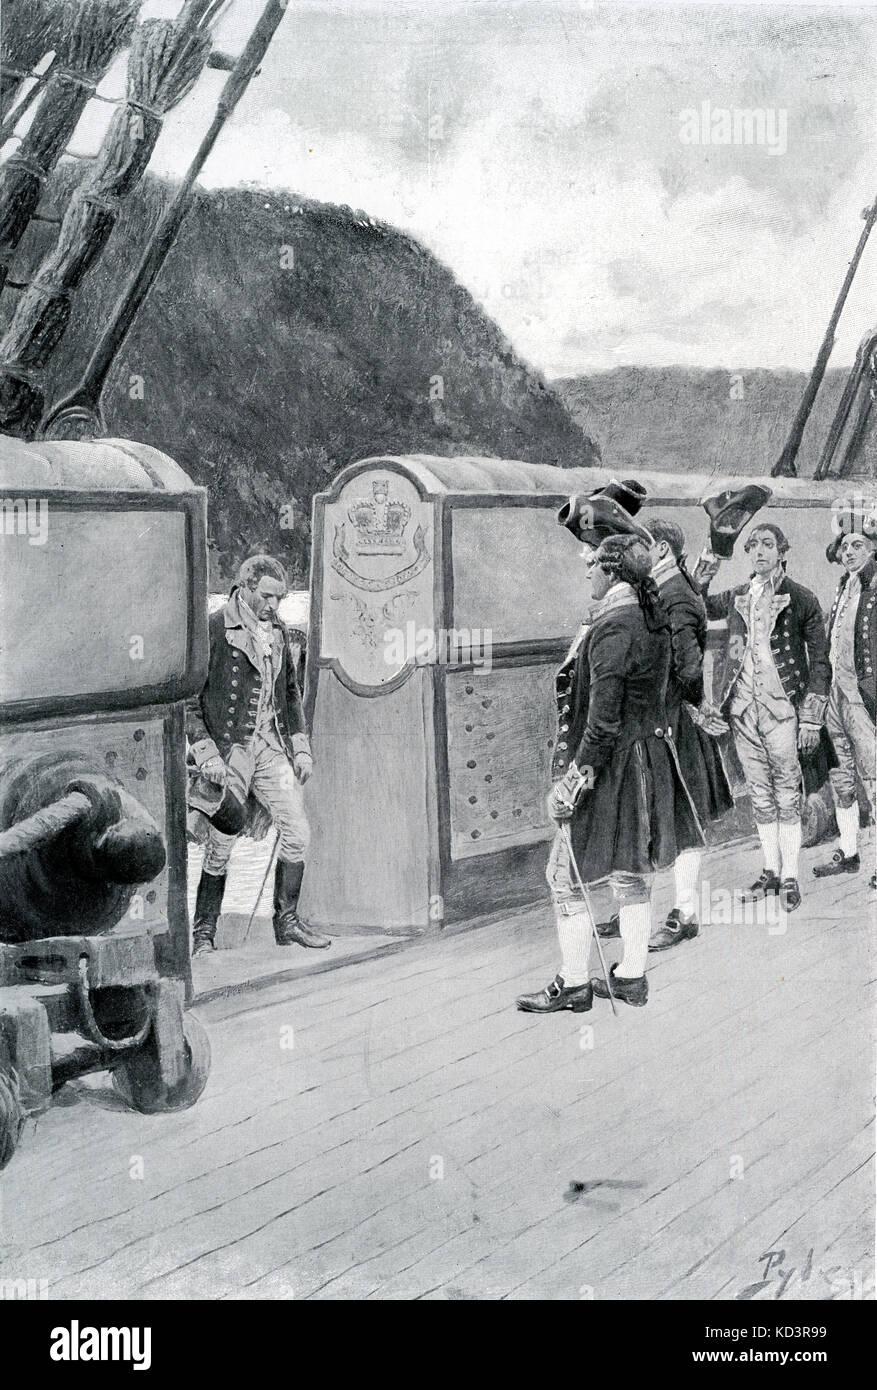 La fuite du général révolutionnaire américain Benoît Arnold (1741 - 1801) sur le navire britannique Vautour, 1780, après avoir défection aux Britanniques. Révolution américaine. Illustration de Howard Pyle, 1896 Banque D'Images